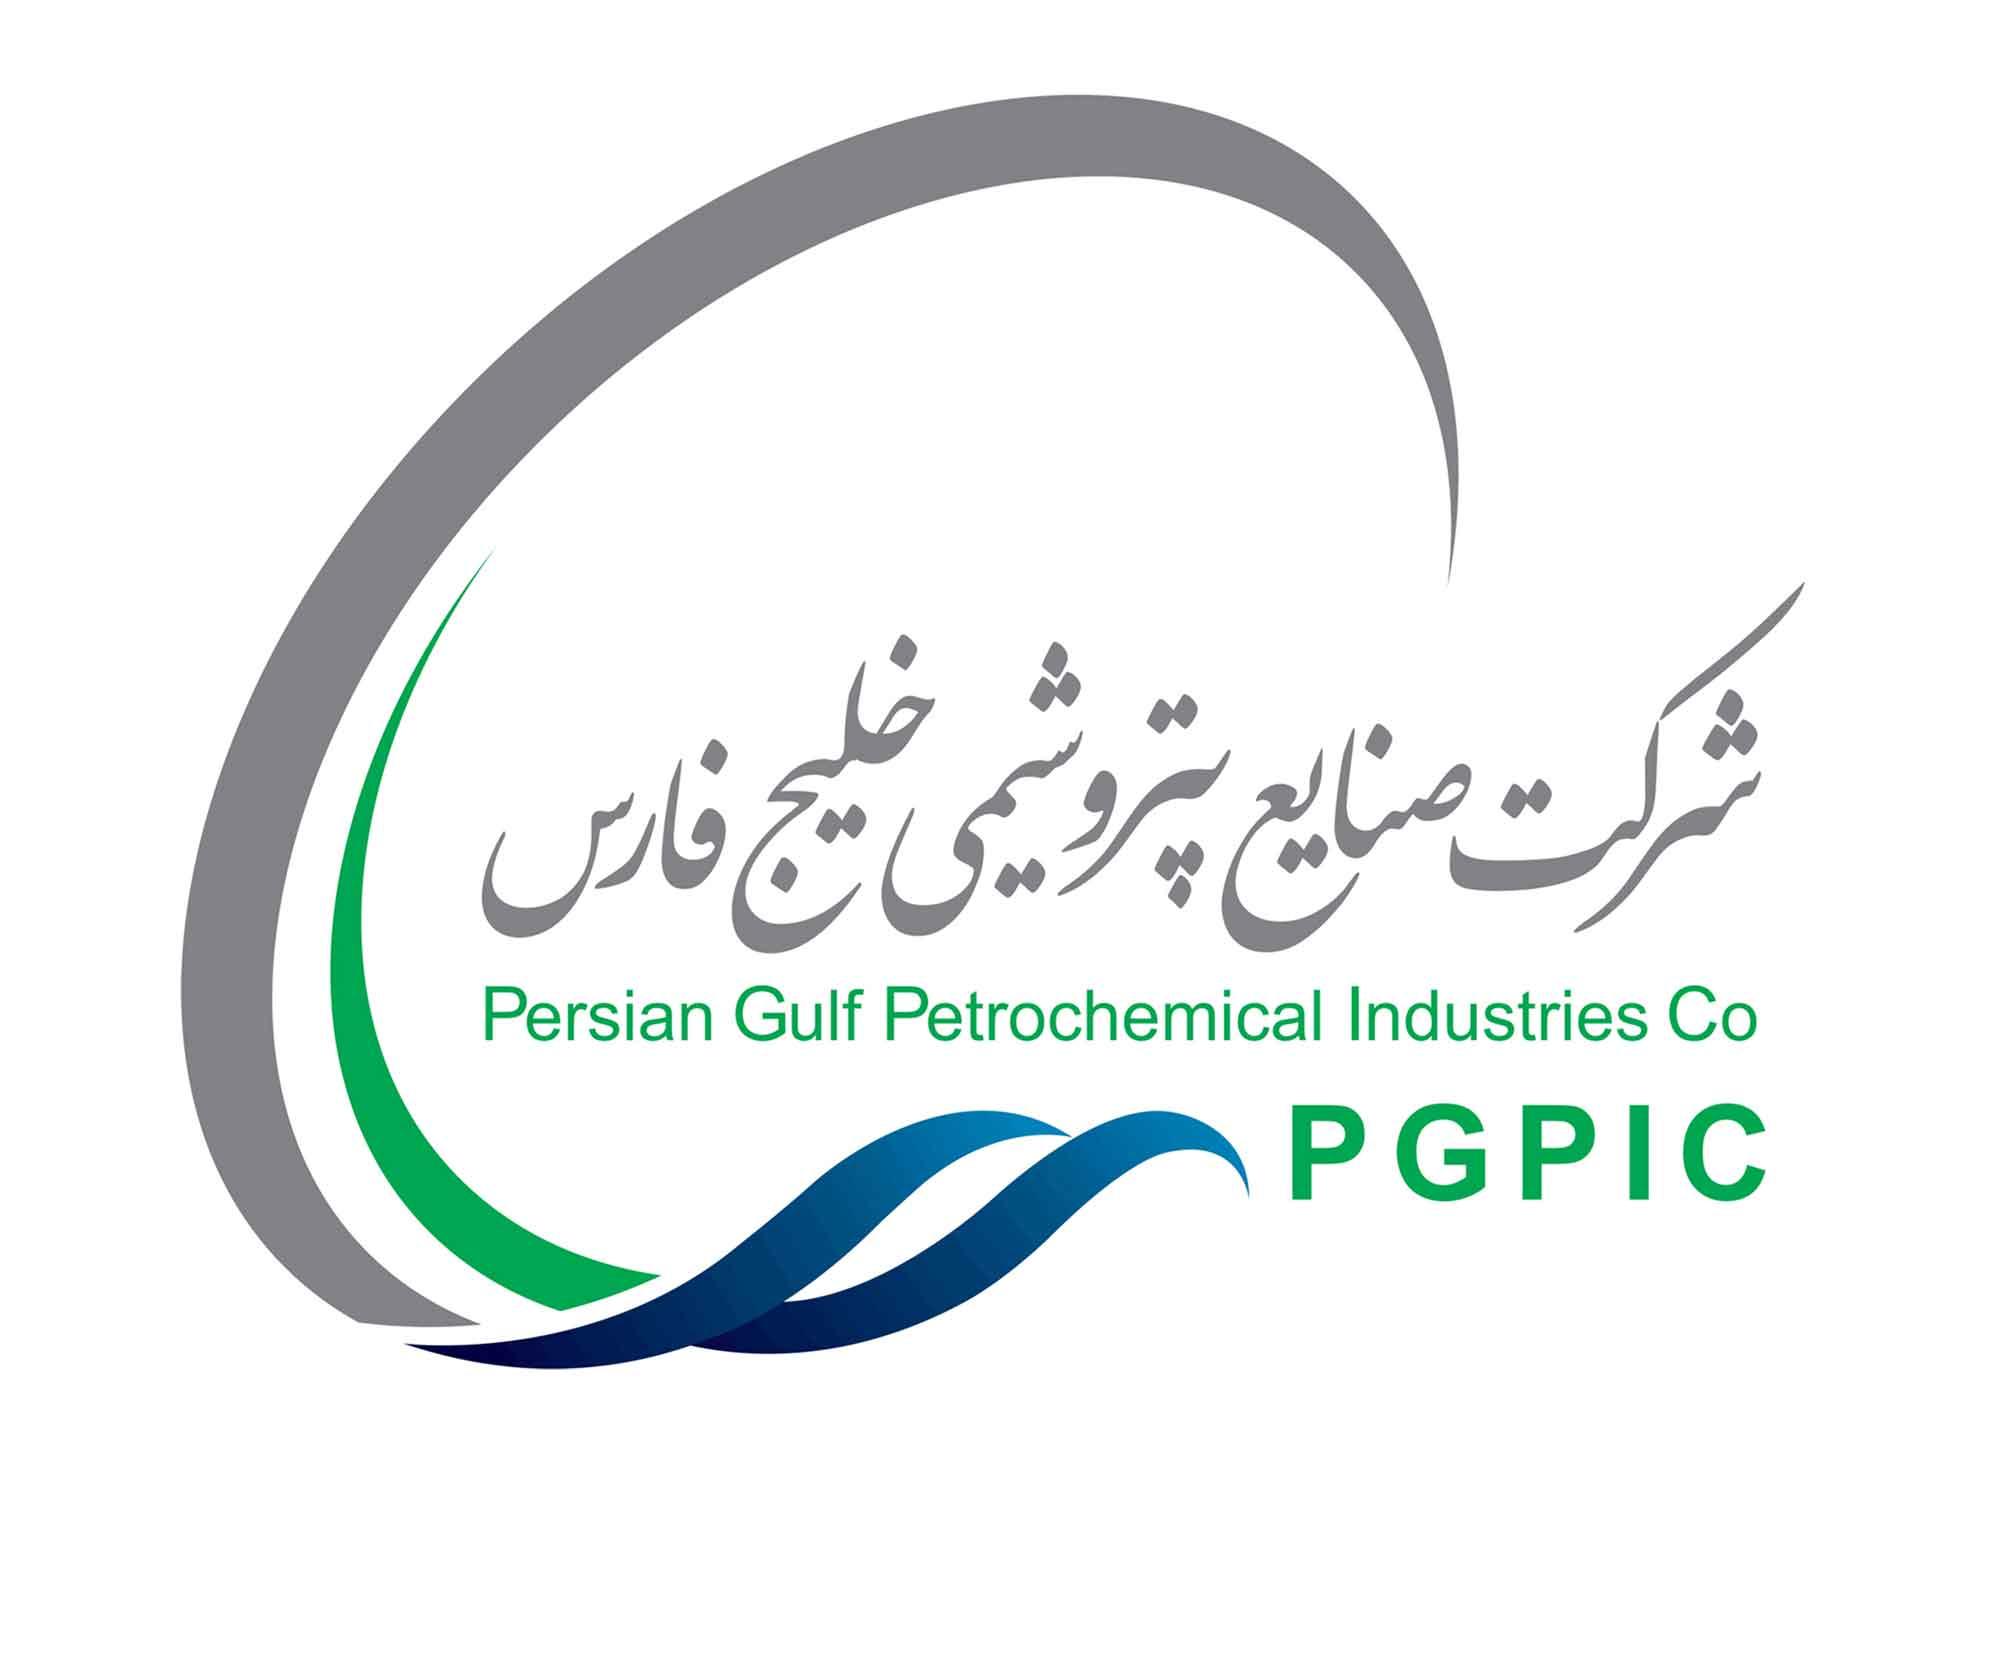 صنایع پتروشیمی خلیج فارس